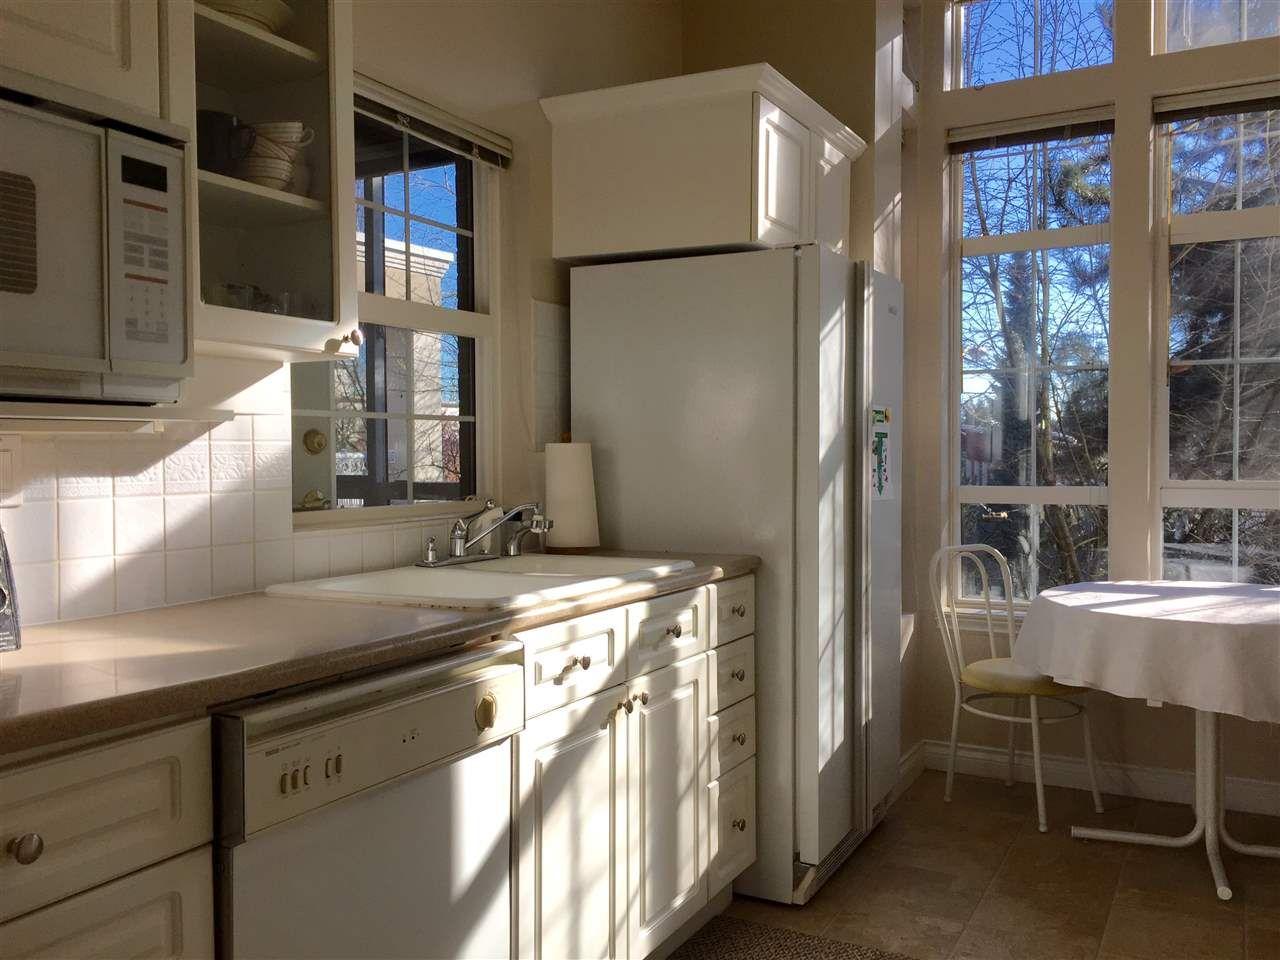 Main Photo: 308 1010 W 42ND AVENUE in : South Granville Condo for sale : MLS®# R2046637